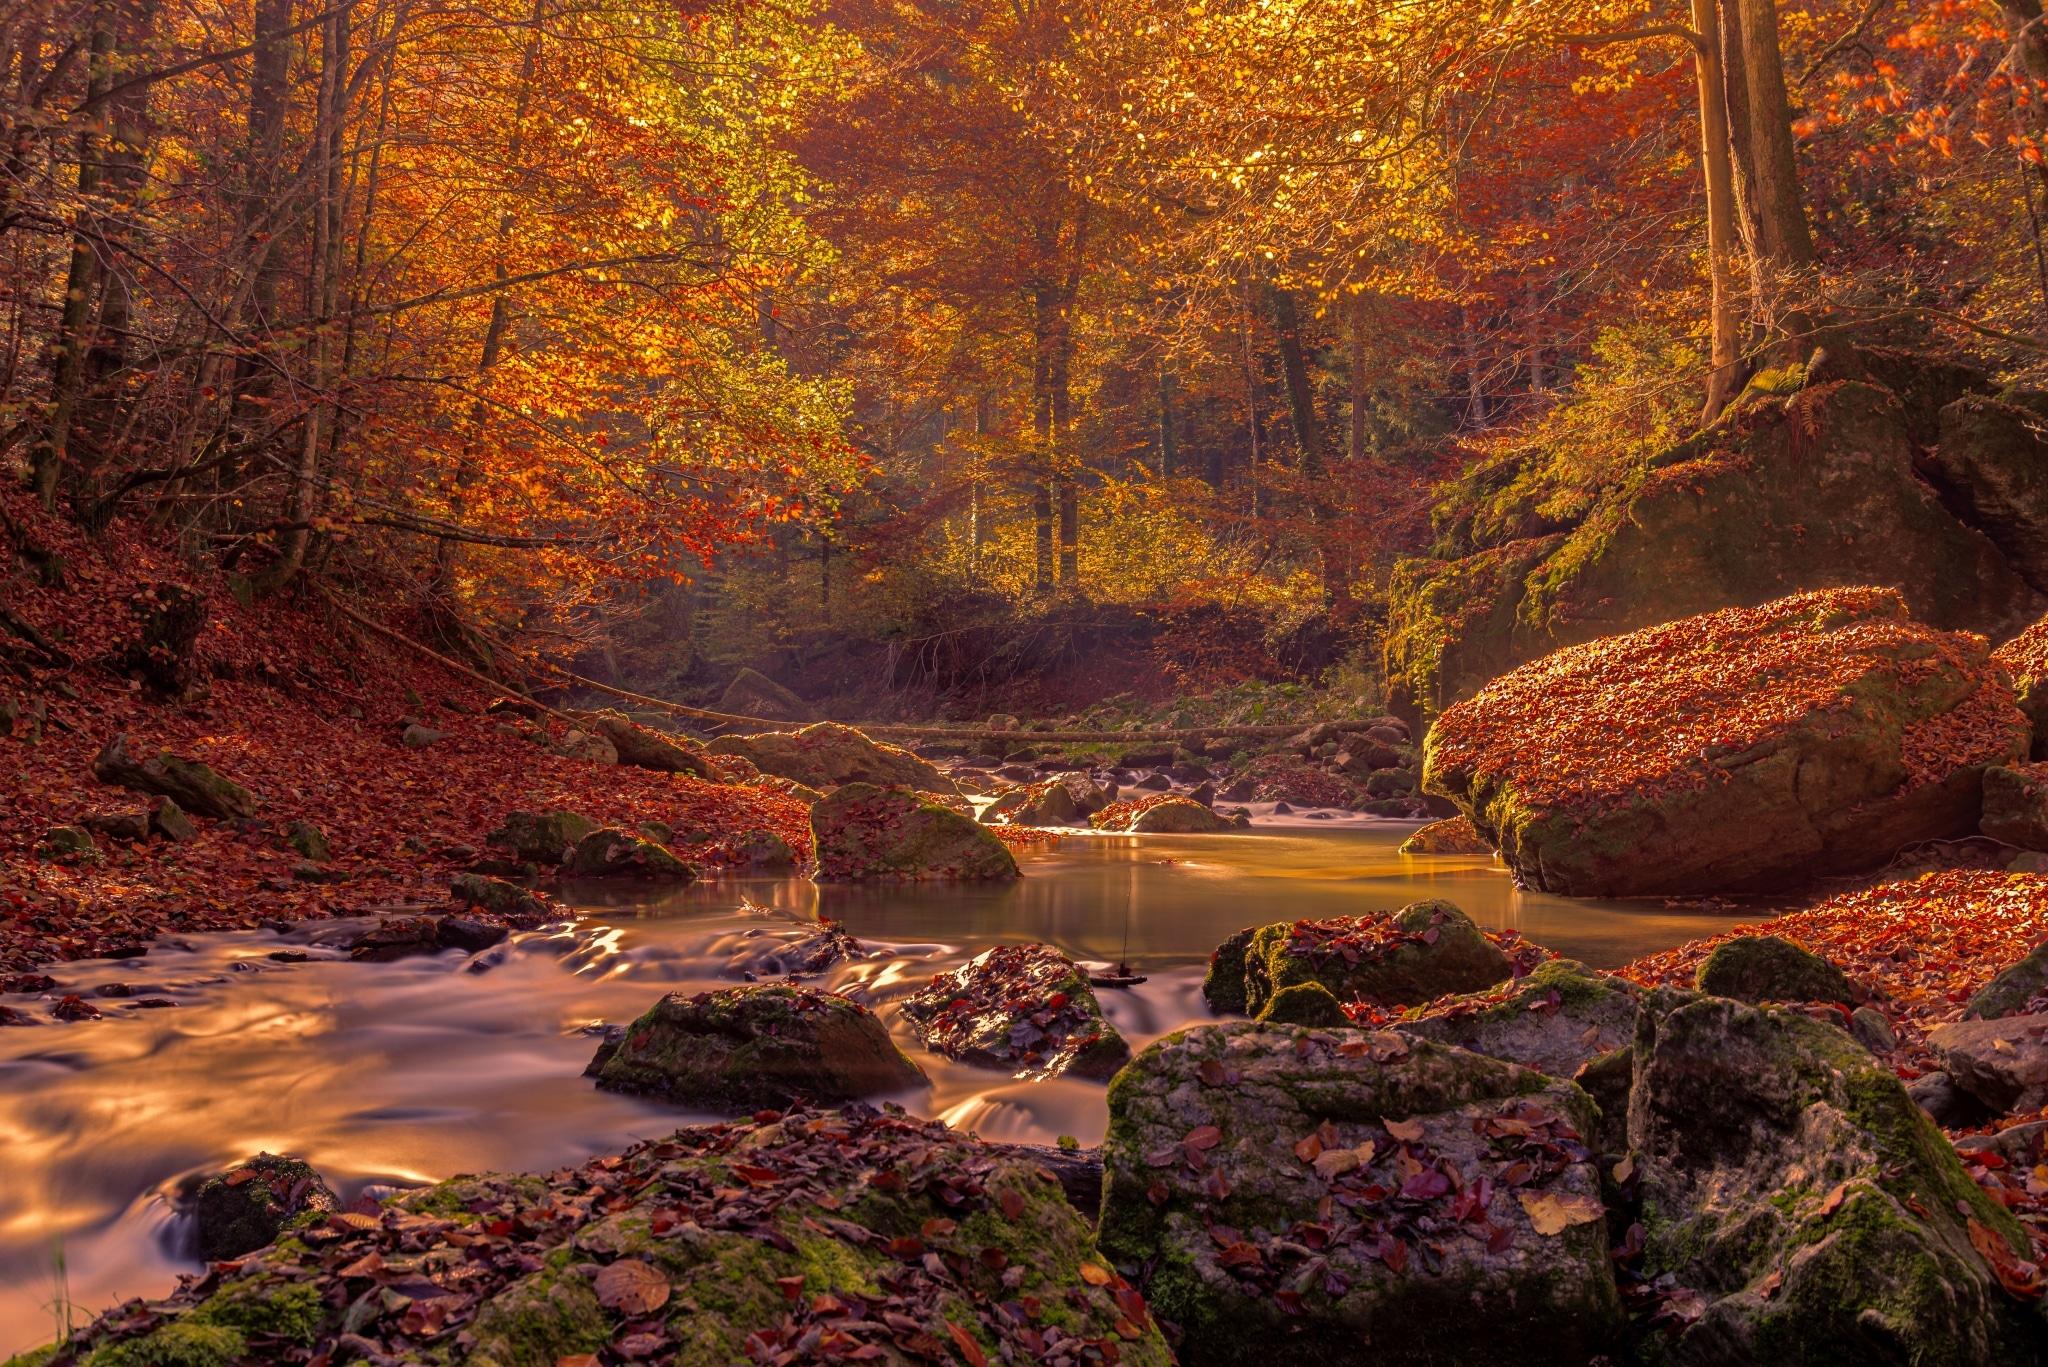 Die Raabklamm zeigt sich von einer seiner schönsten Seiten im Herbst